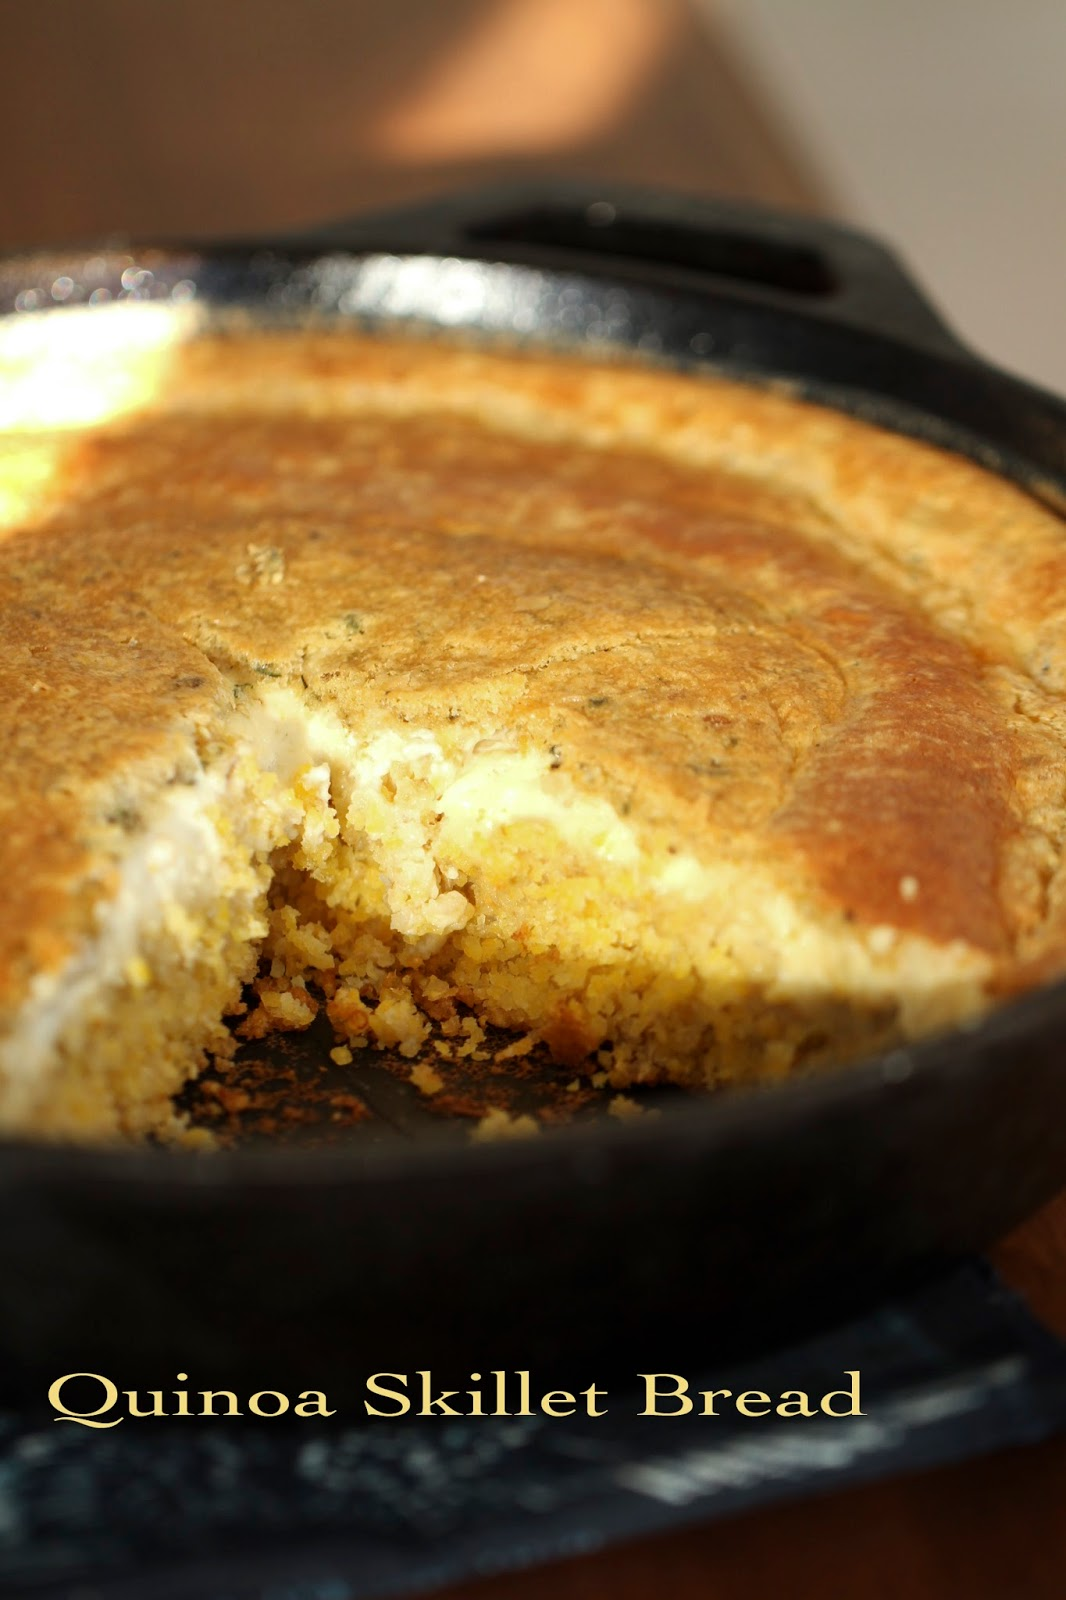 Quinoa Skillet Bread - IHCC Face-the-Day